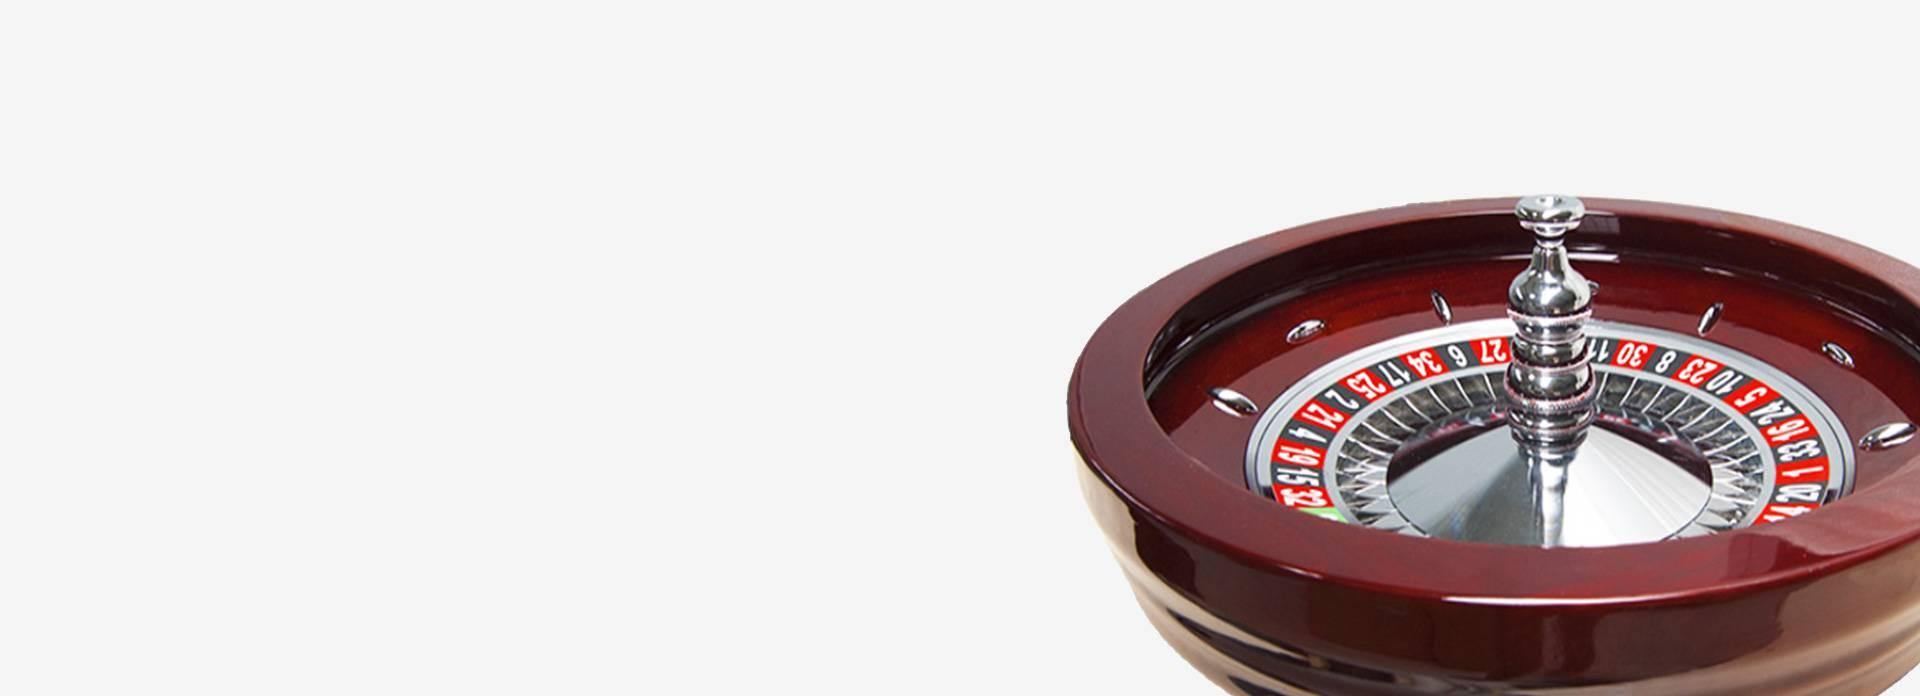 Mettre Des Roulettes Sous Une Table roulette